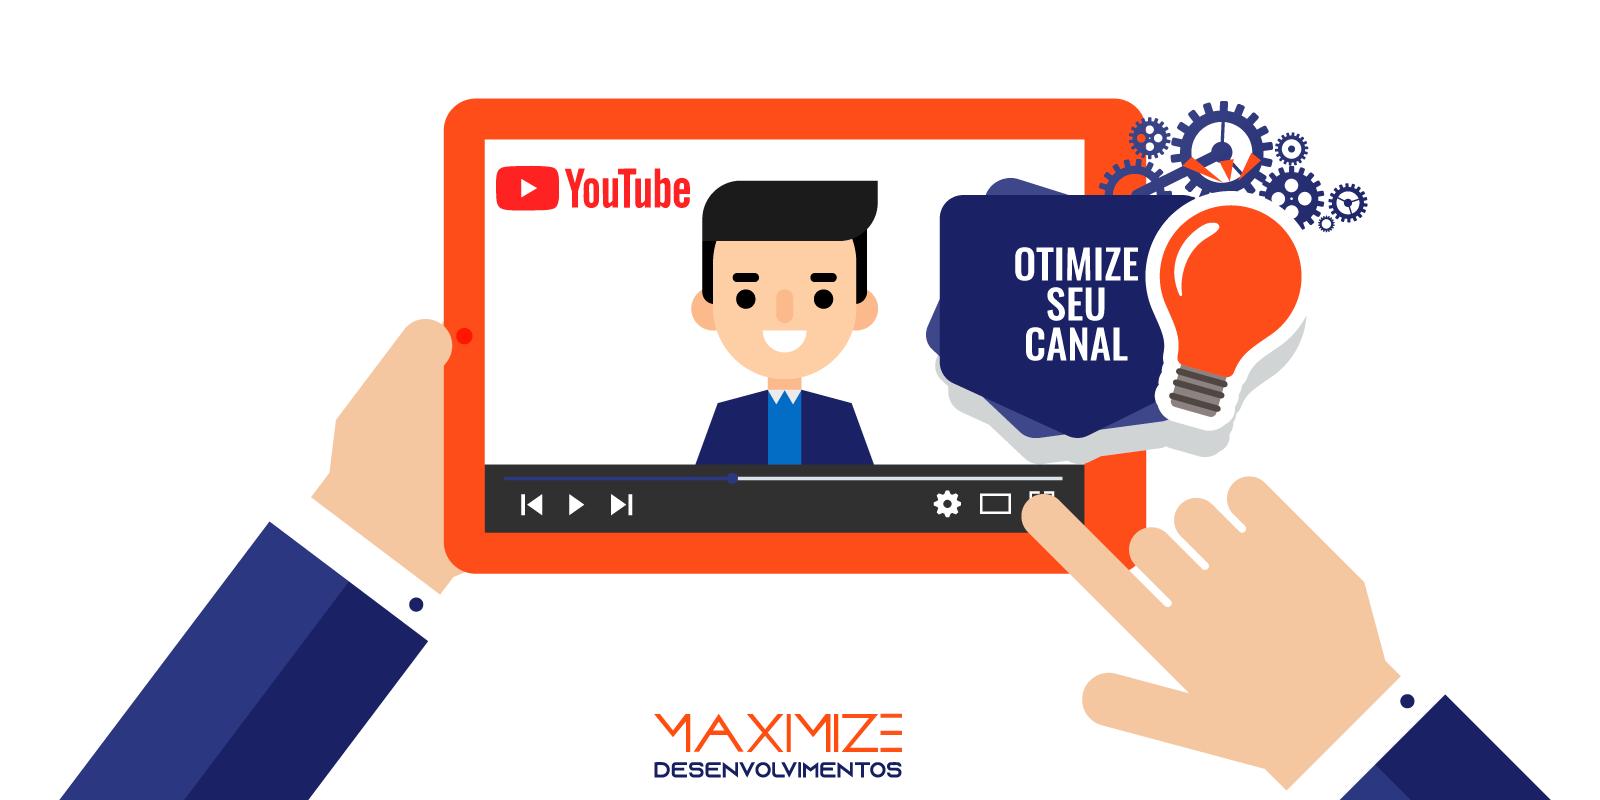 Otimizando seu canal: dicas práticas para você alavancar o seu canal